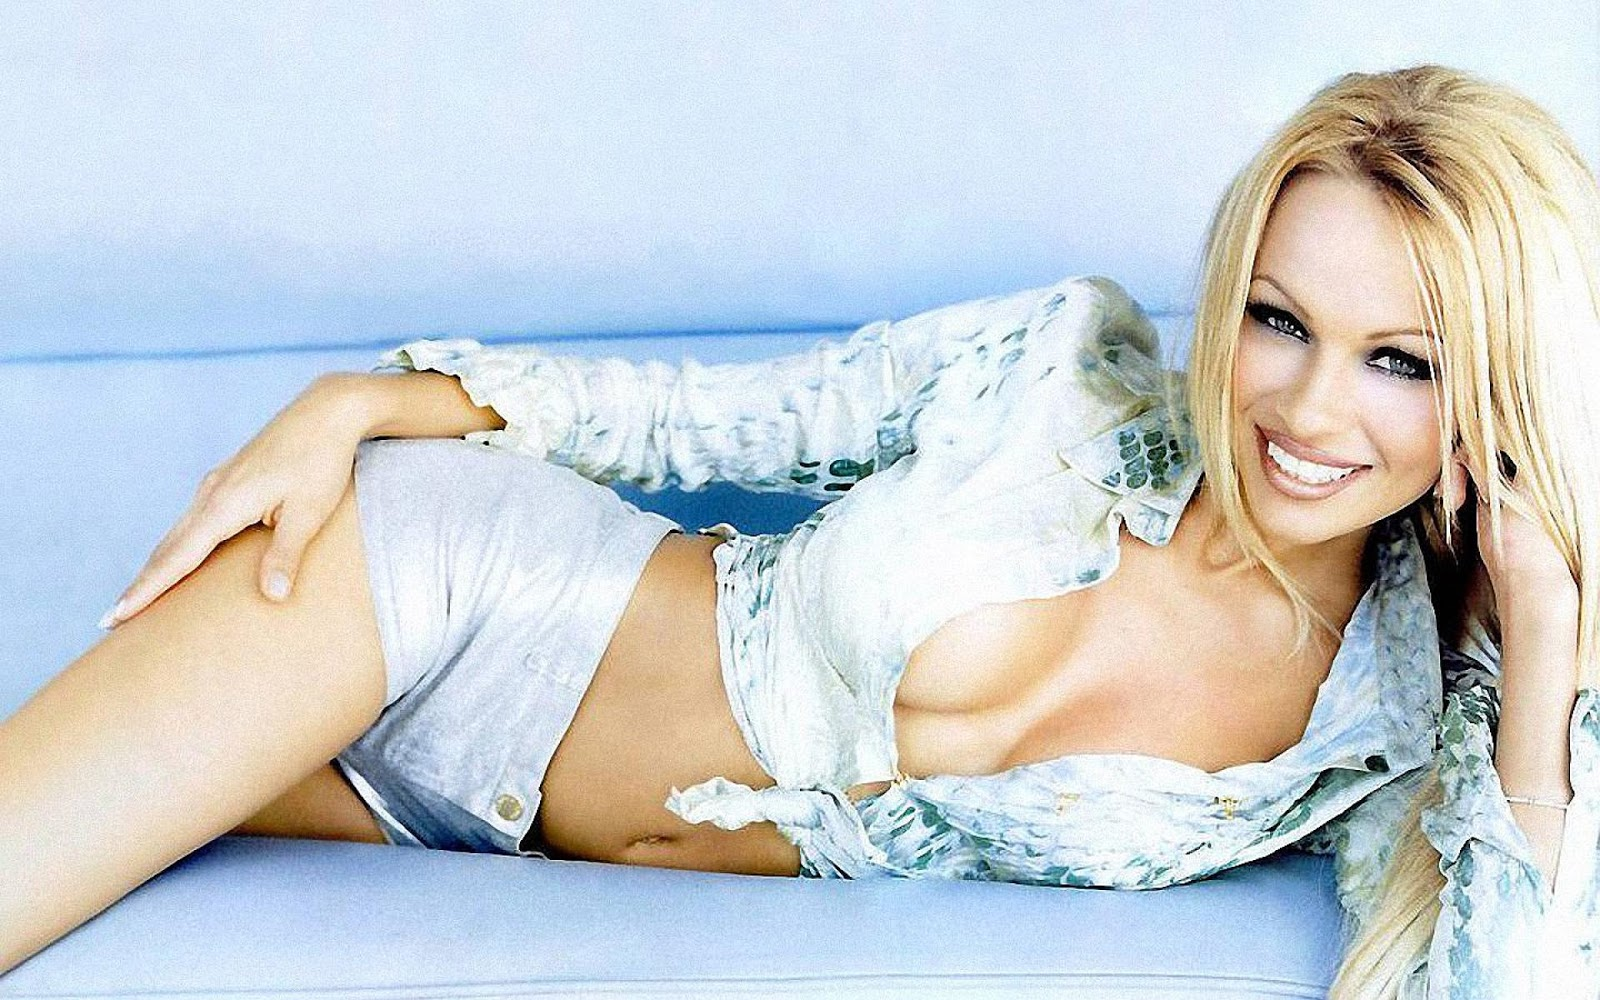 Фото русских знаменитостей в плейбое, Голая Марика в журналах Playboy, xxl и Sim 20 фотография